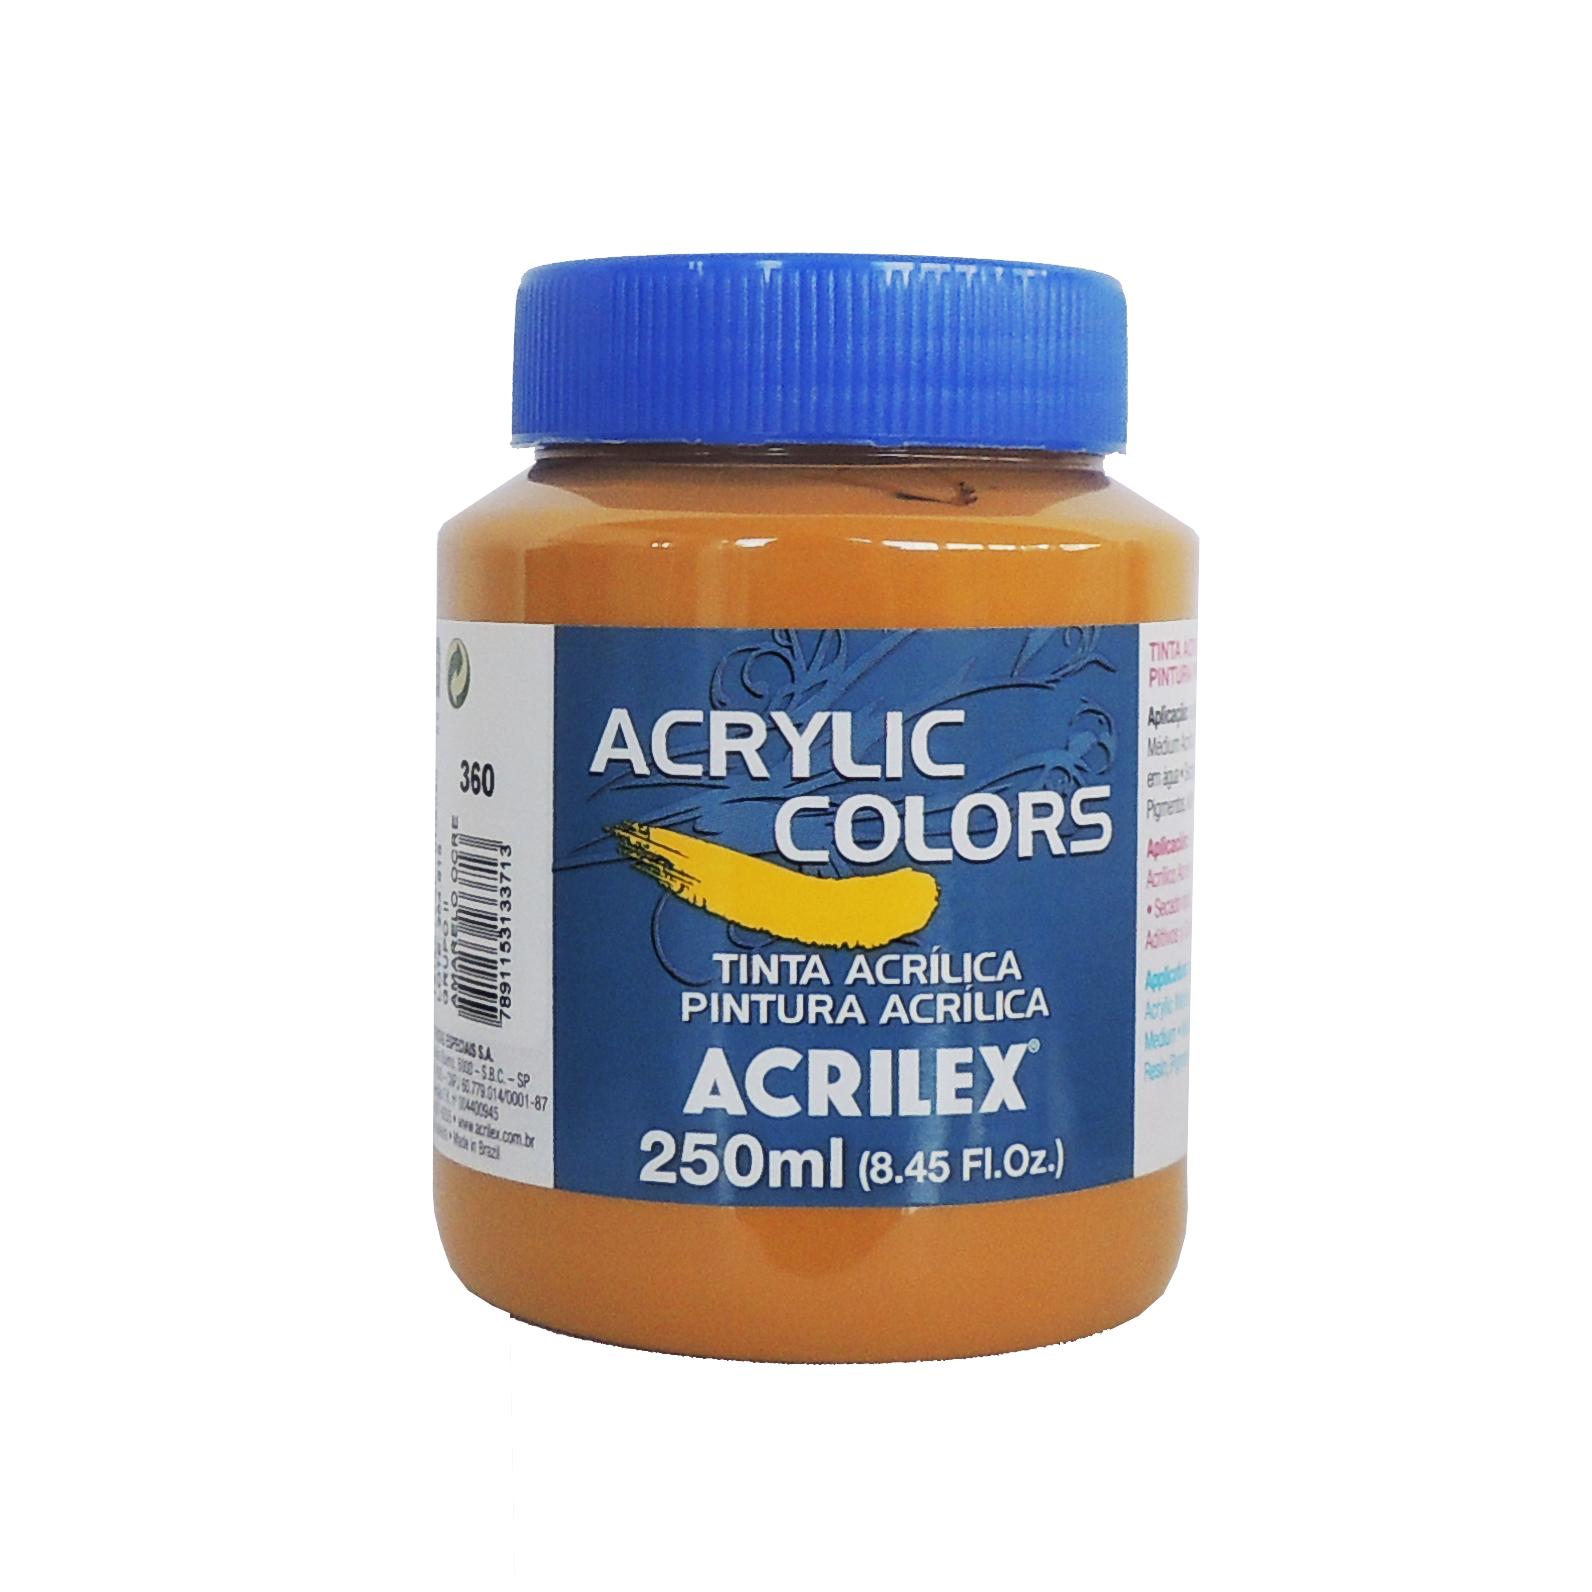 tinta-acrilica-acrilex-250ml-grupo-2-360-amarelo-ocre